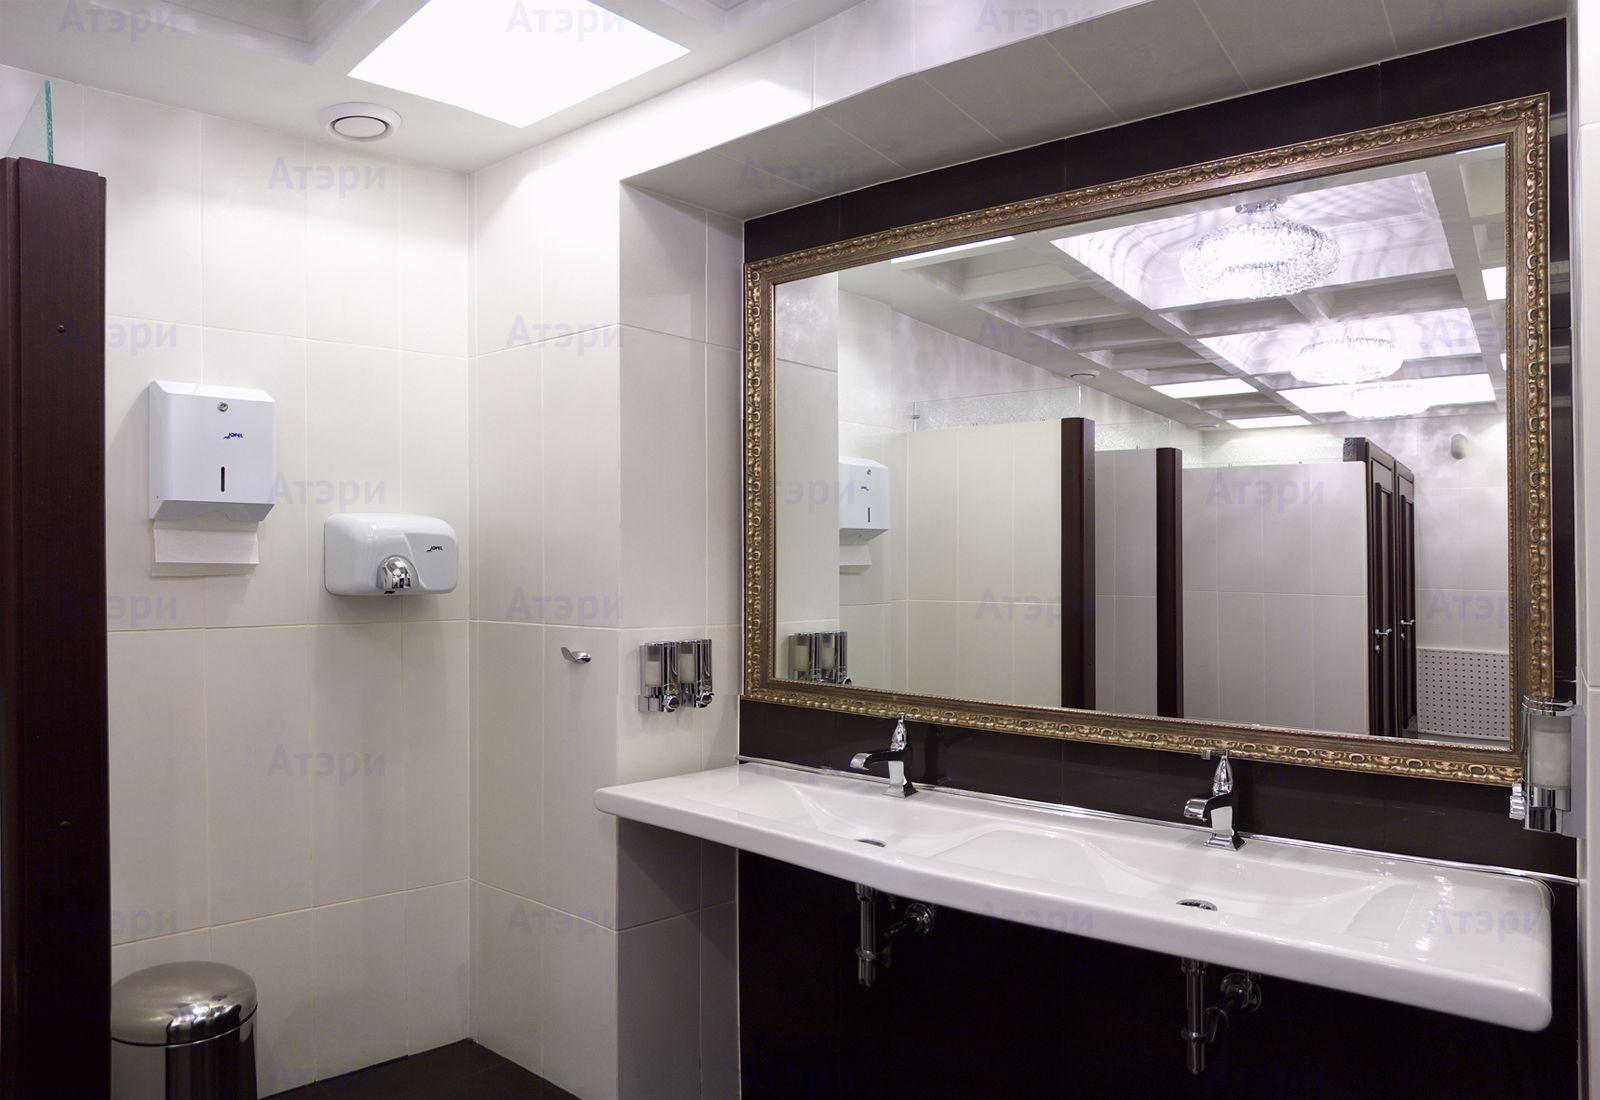 Туалеты в офисе, Туалет в офисе какаем и писаем на работе 10 фотография